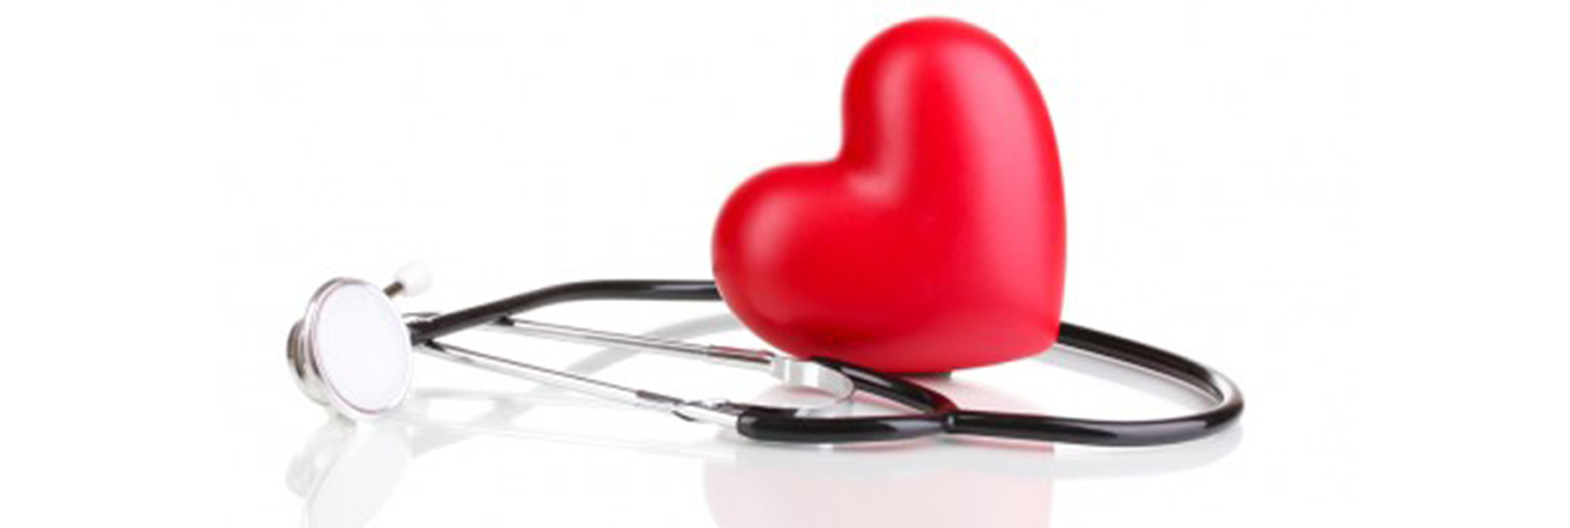 kodėl gali būti hipertenzija ožkos pienas naudingas širdies sveikatai